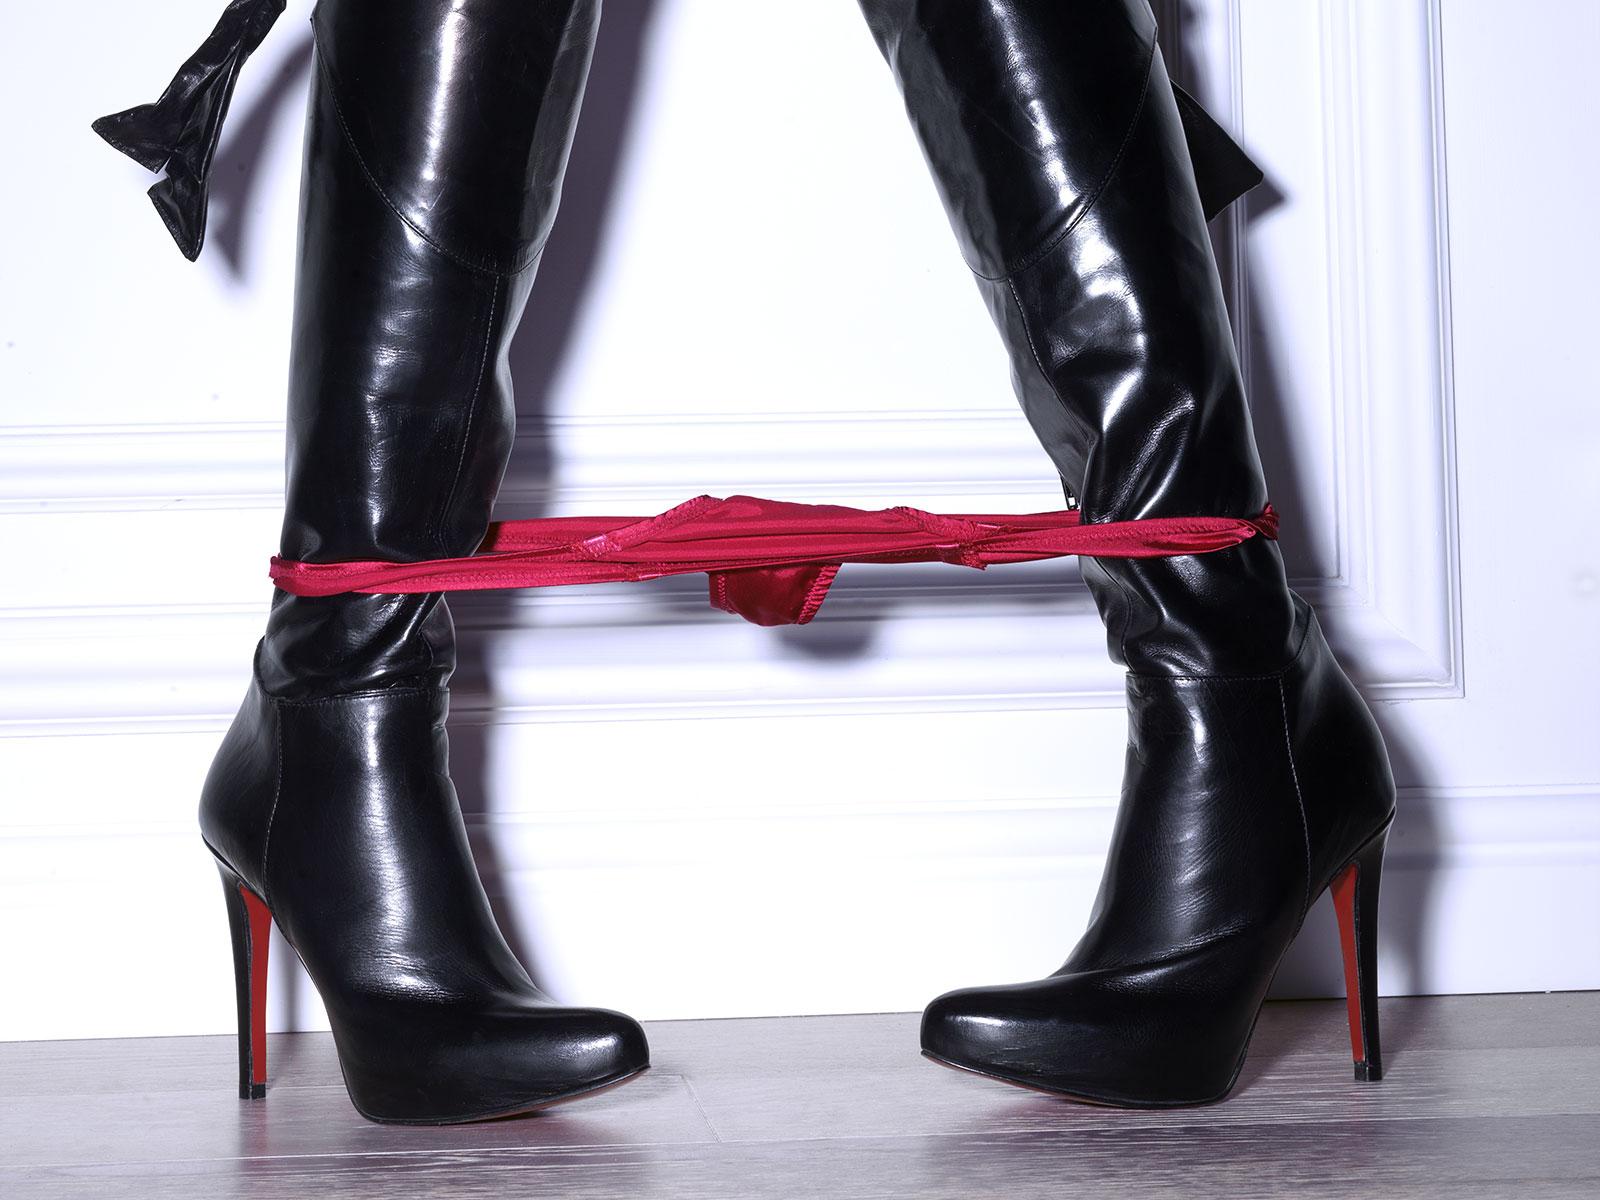 Hanzo_luzzi_scarpe_03